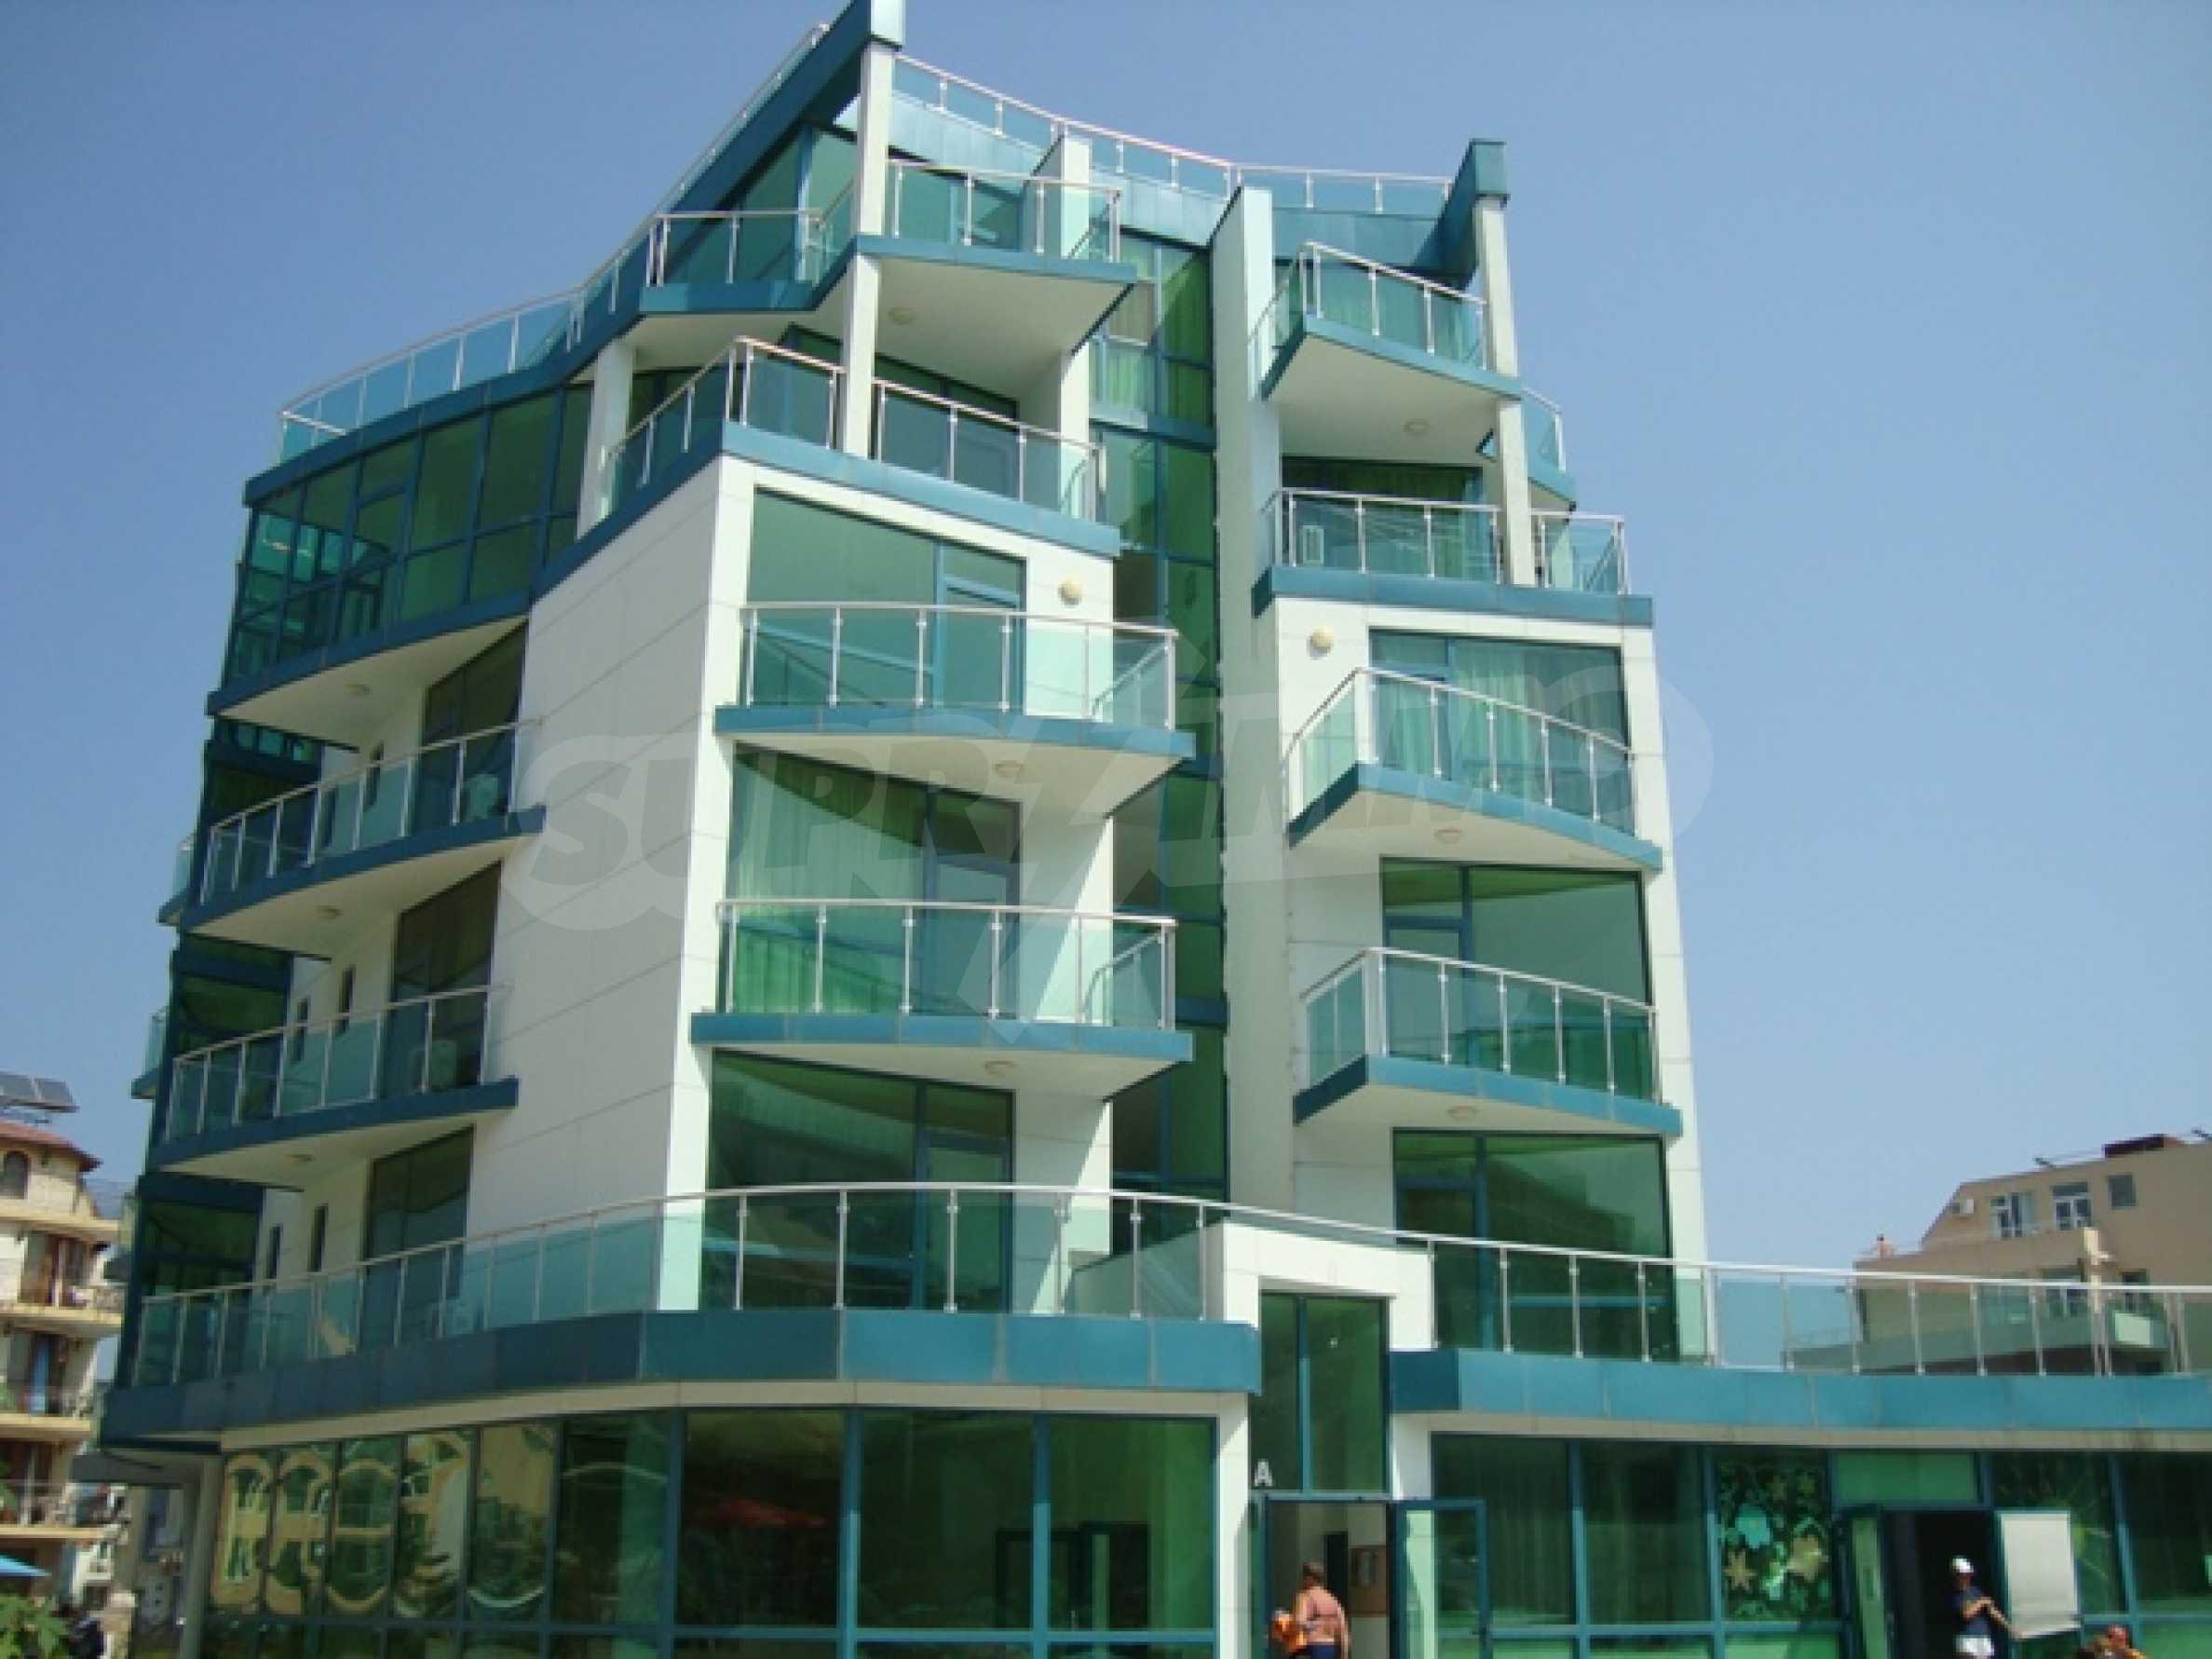 Продажа квартиры-студии в г. Приморско 4